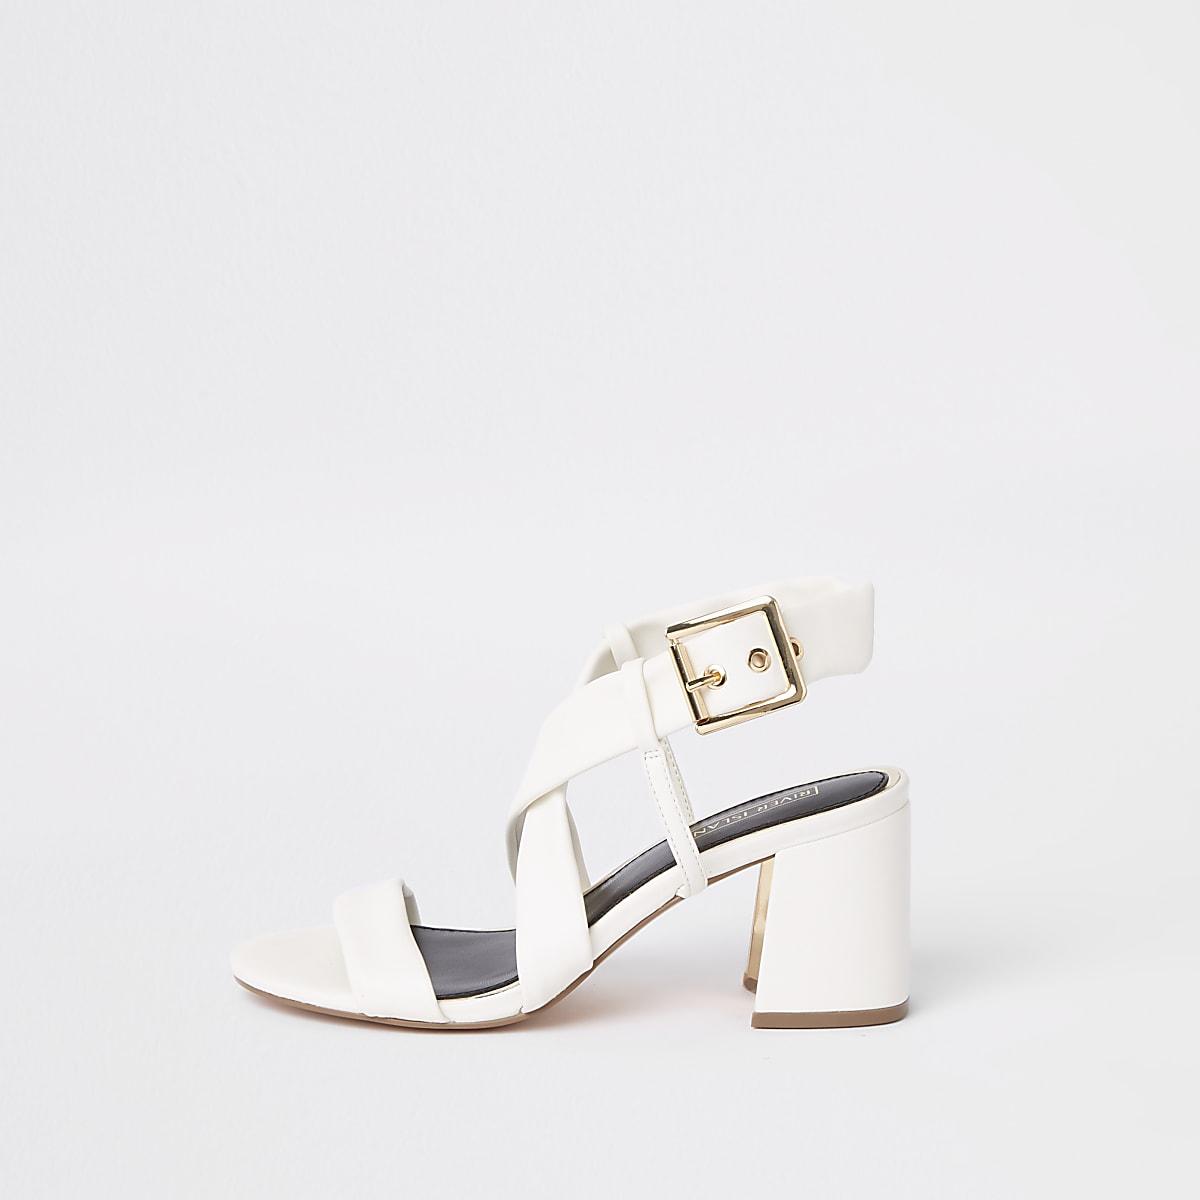 White strappy block heel sandals